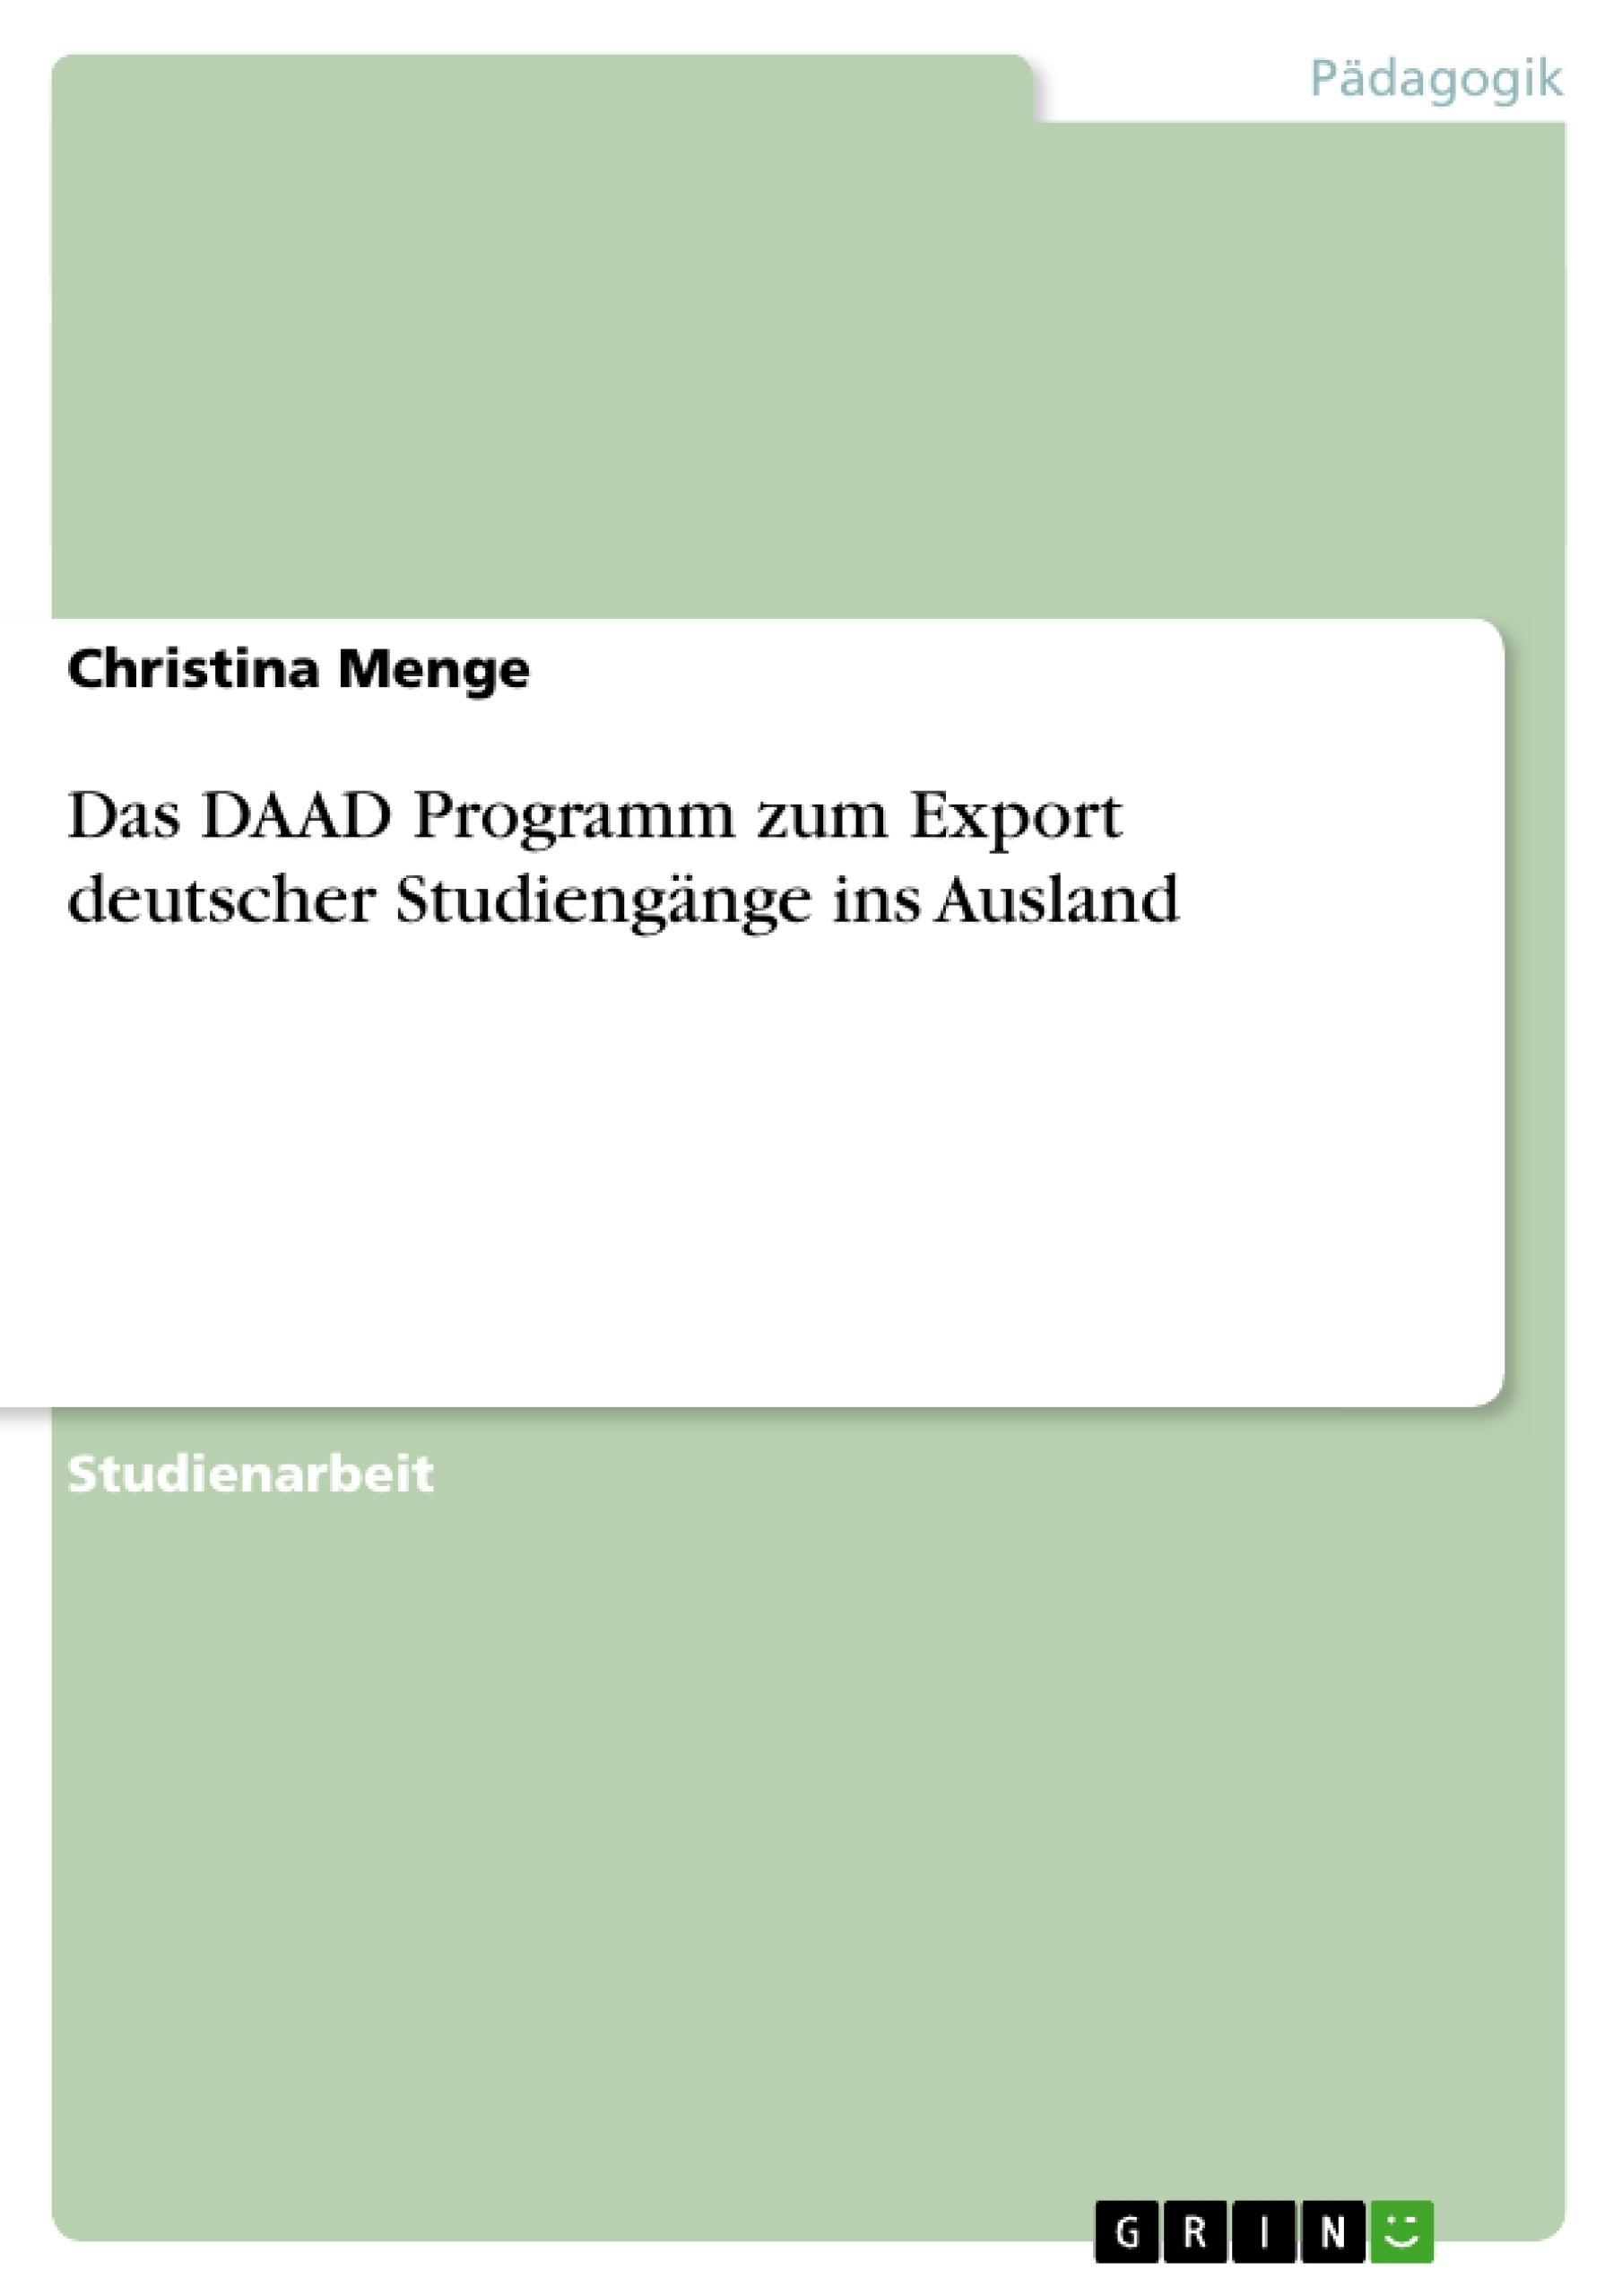 Titel: Das DAAD Programm zum Export deutscher Studiengänge ins Ausland